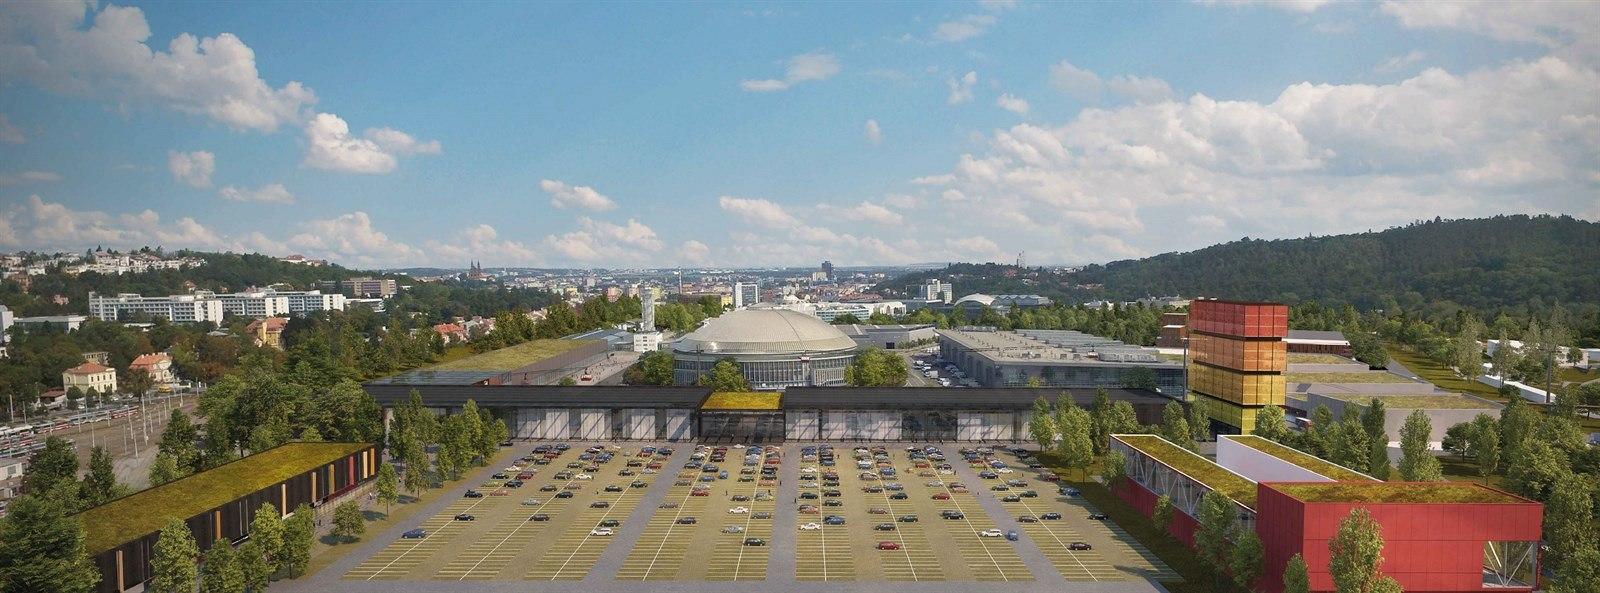 fc58b1a941 Čtyřmi nejlepšími návrhy se bude inspirovat proměna brněnského výstaviště.  Všechny mimo jiné řeší i prostor